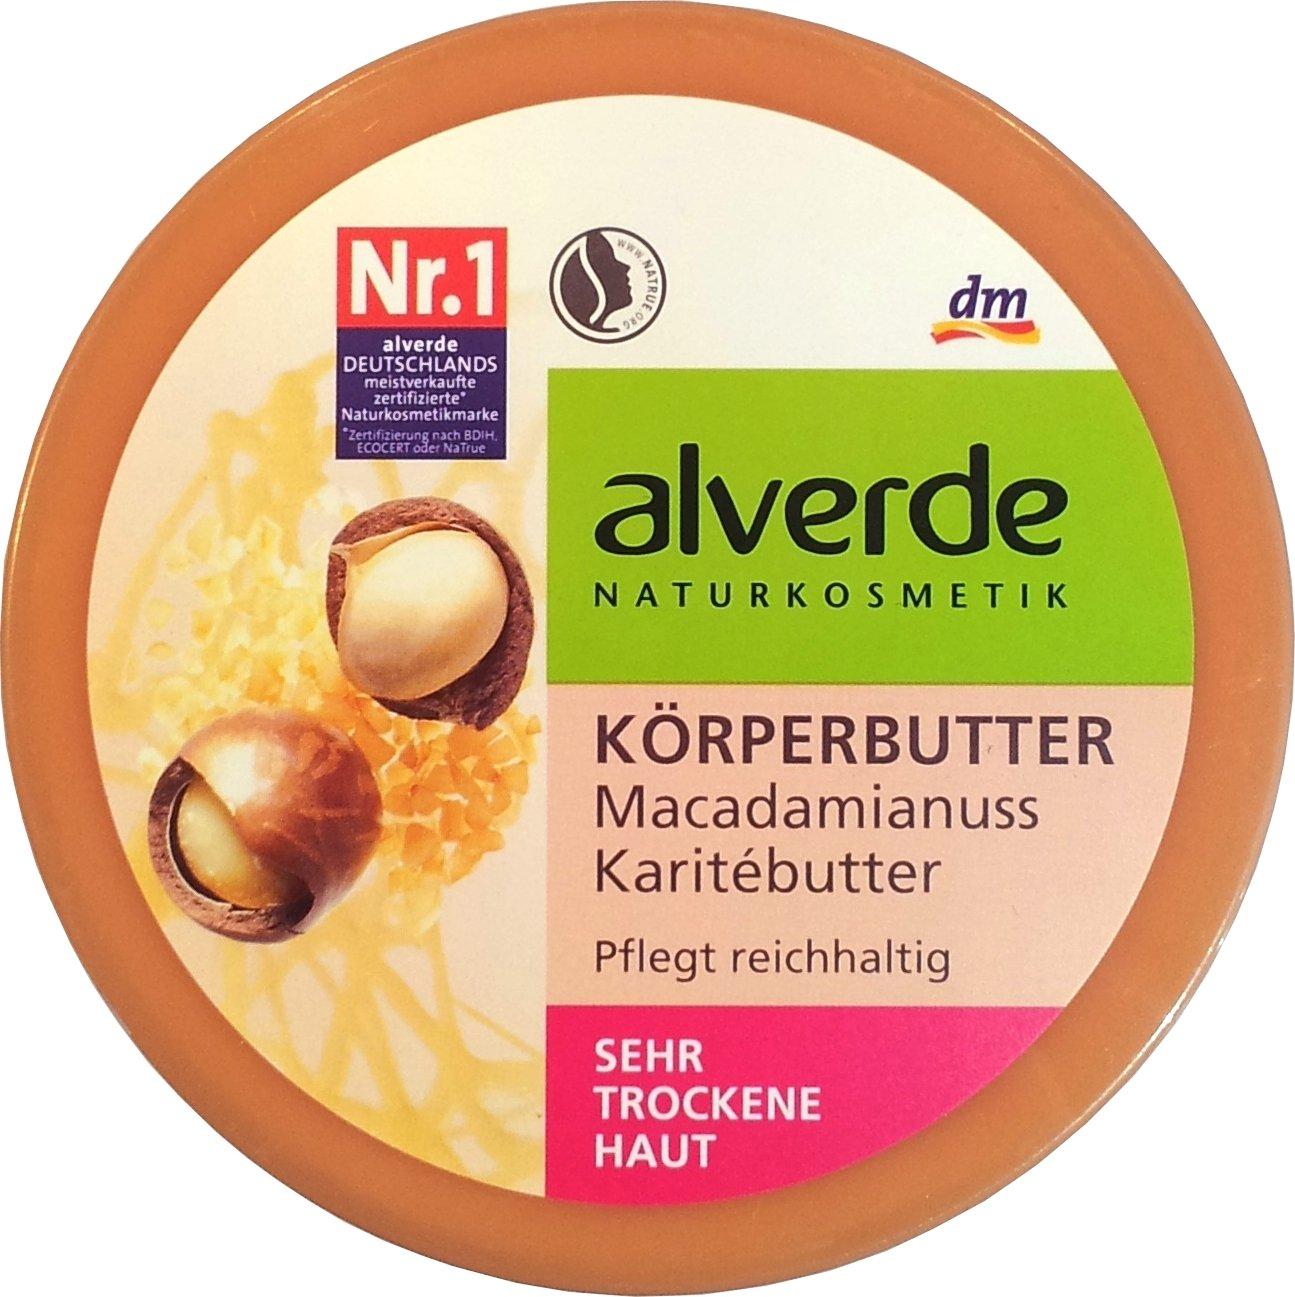 Alverde Macadamia & Karite Cuerpo-Mantequilla - para todos los tipos de piel incluyendo piel seca y sensible - Ingredientes orgánicos certificados/vegan - 200ml Alverde Natural Cosmetics